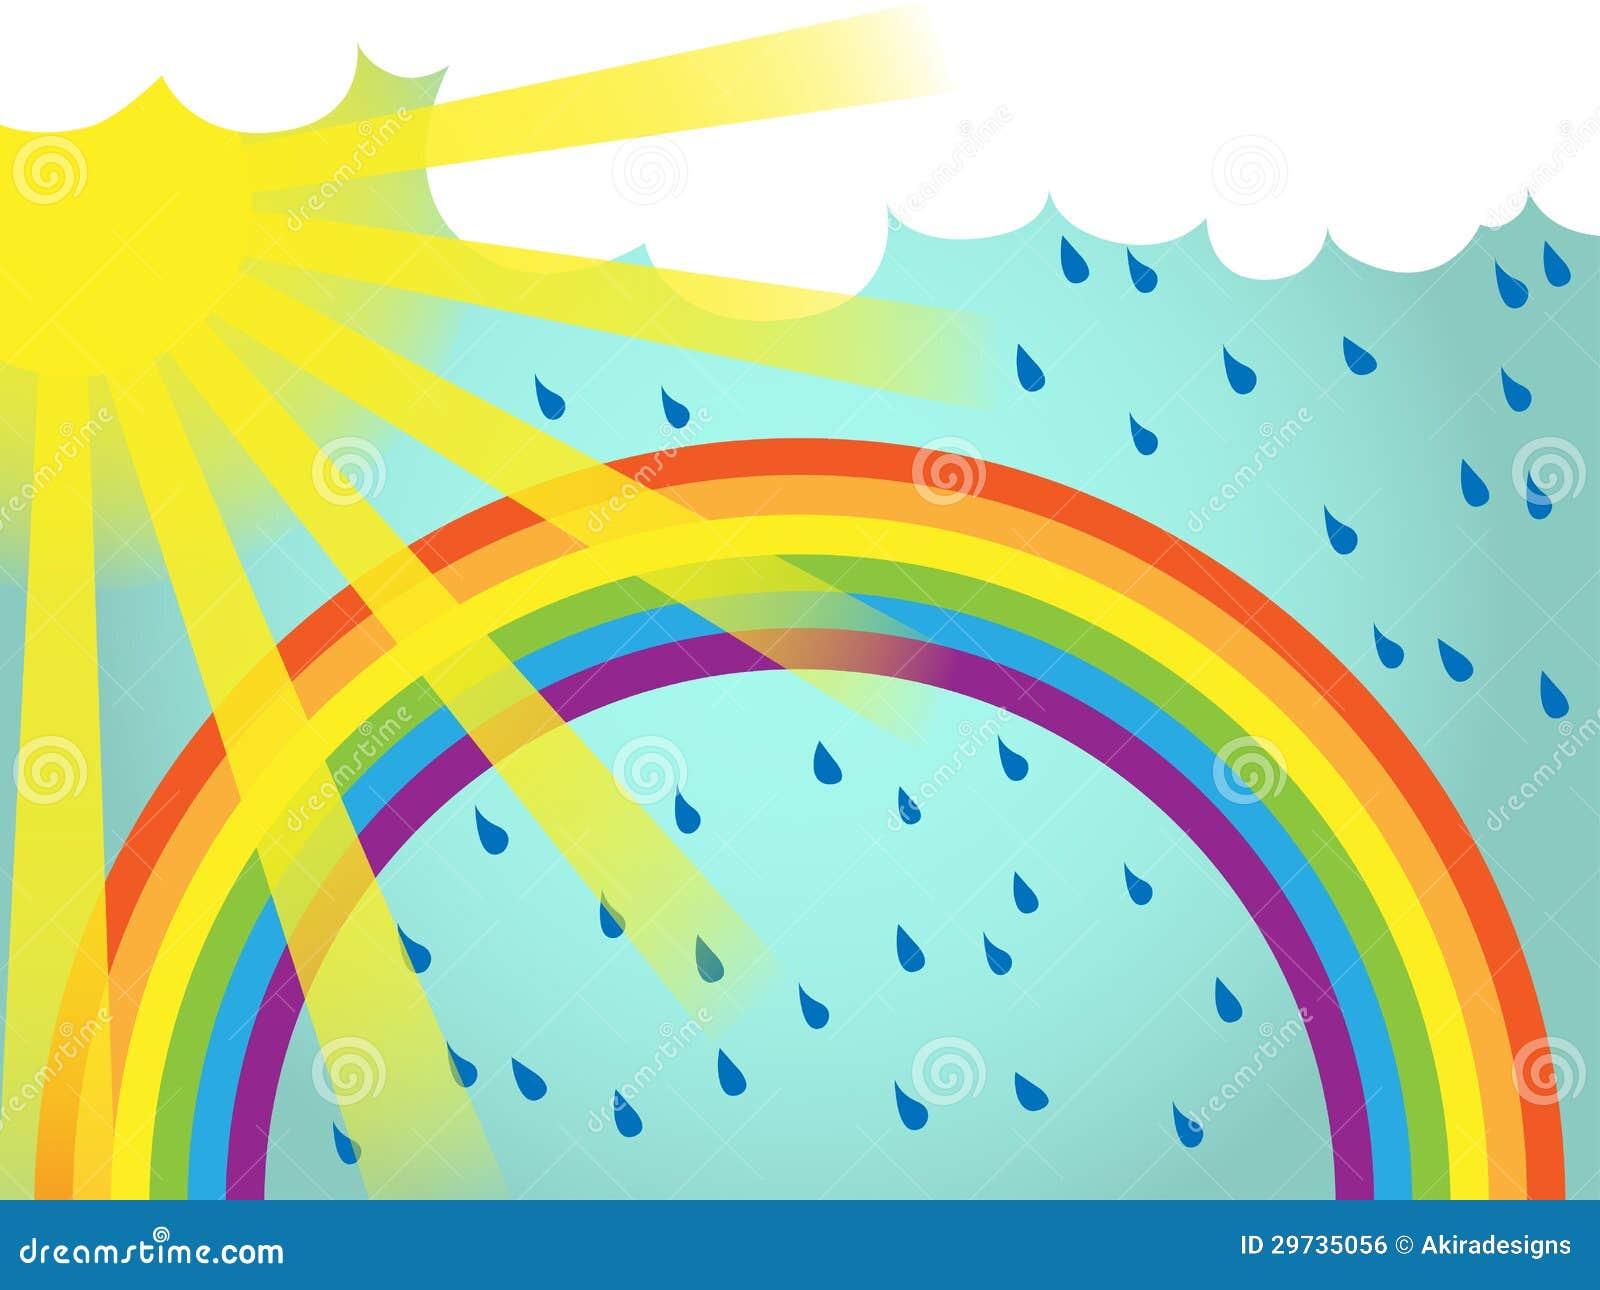 Simple Rainbow Template Photo Image 5544130 – Rainbow Template